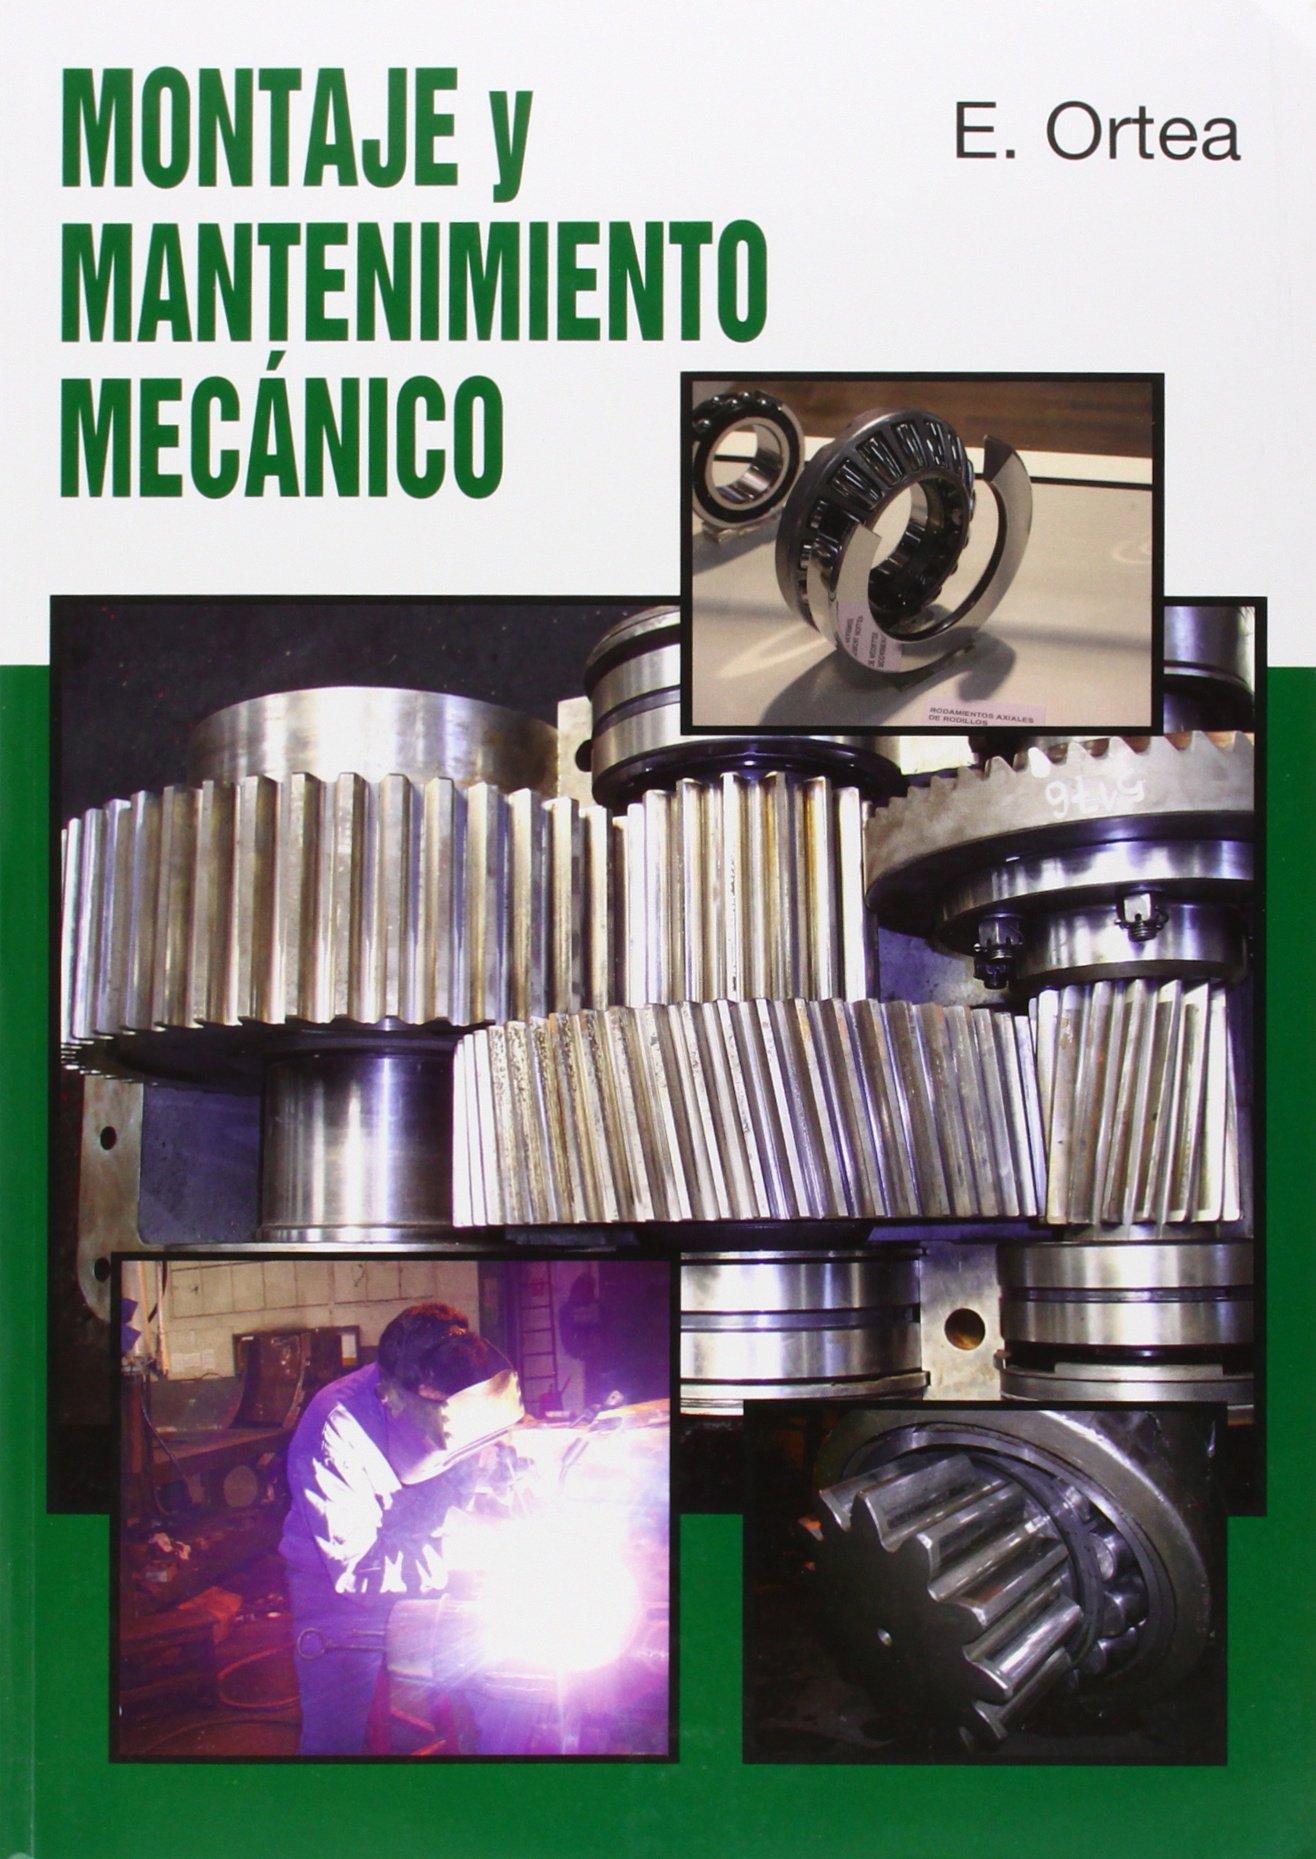 Gm/gs - Montaje Y Mantenimiento Mecanico: Amazon.es: Enrique Ortea Varela: Libros